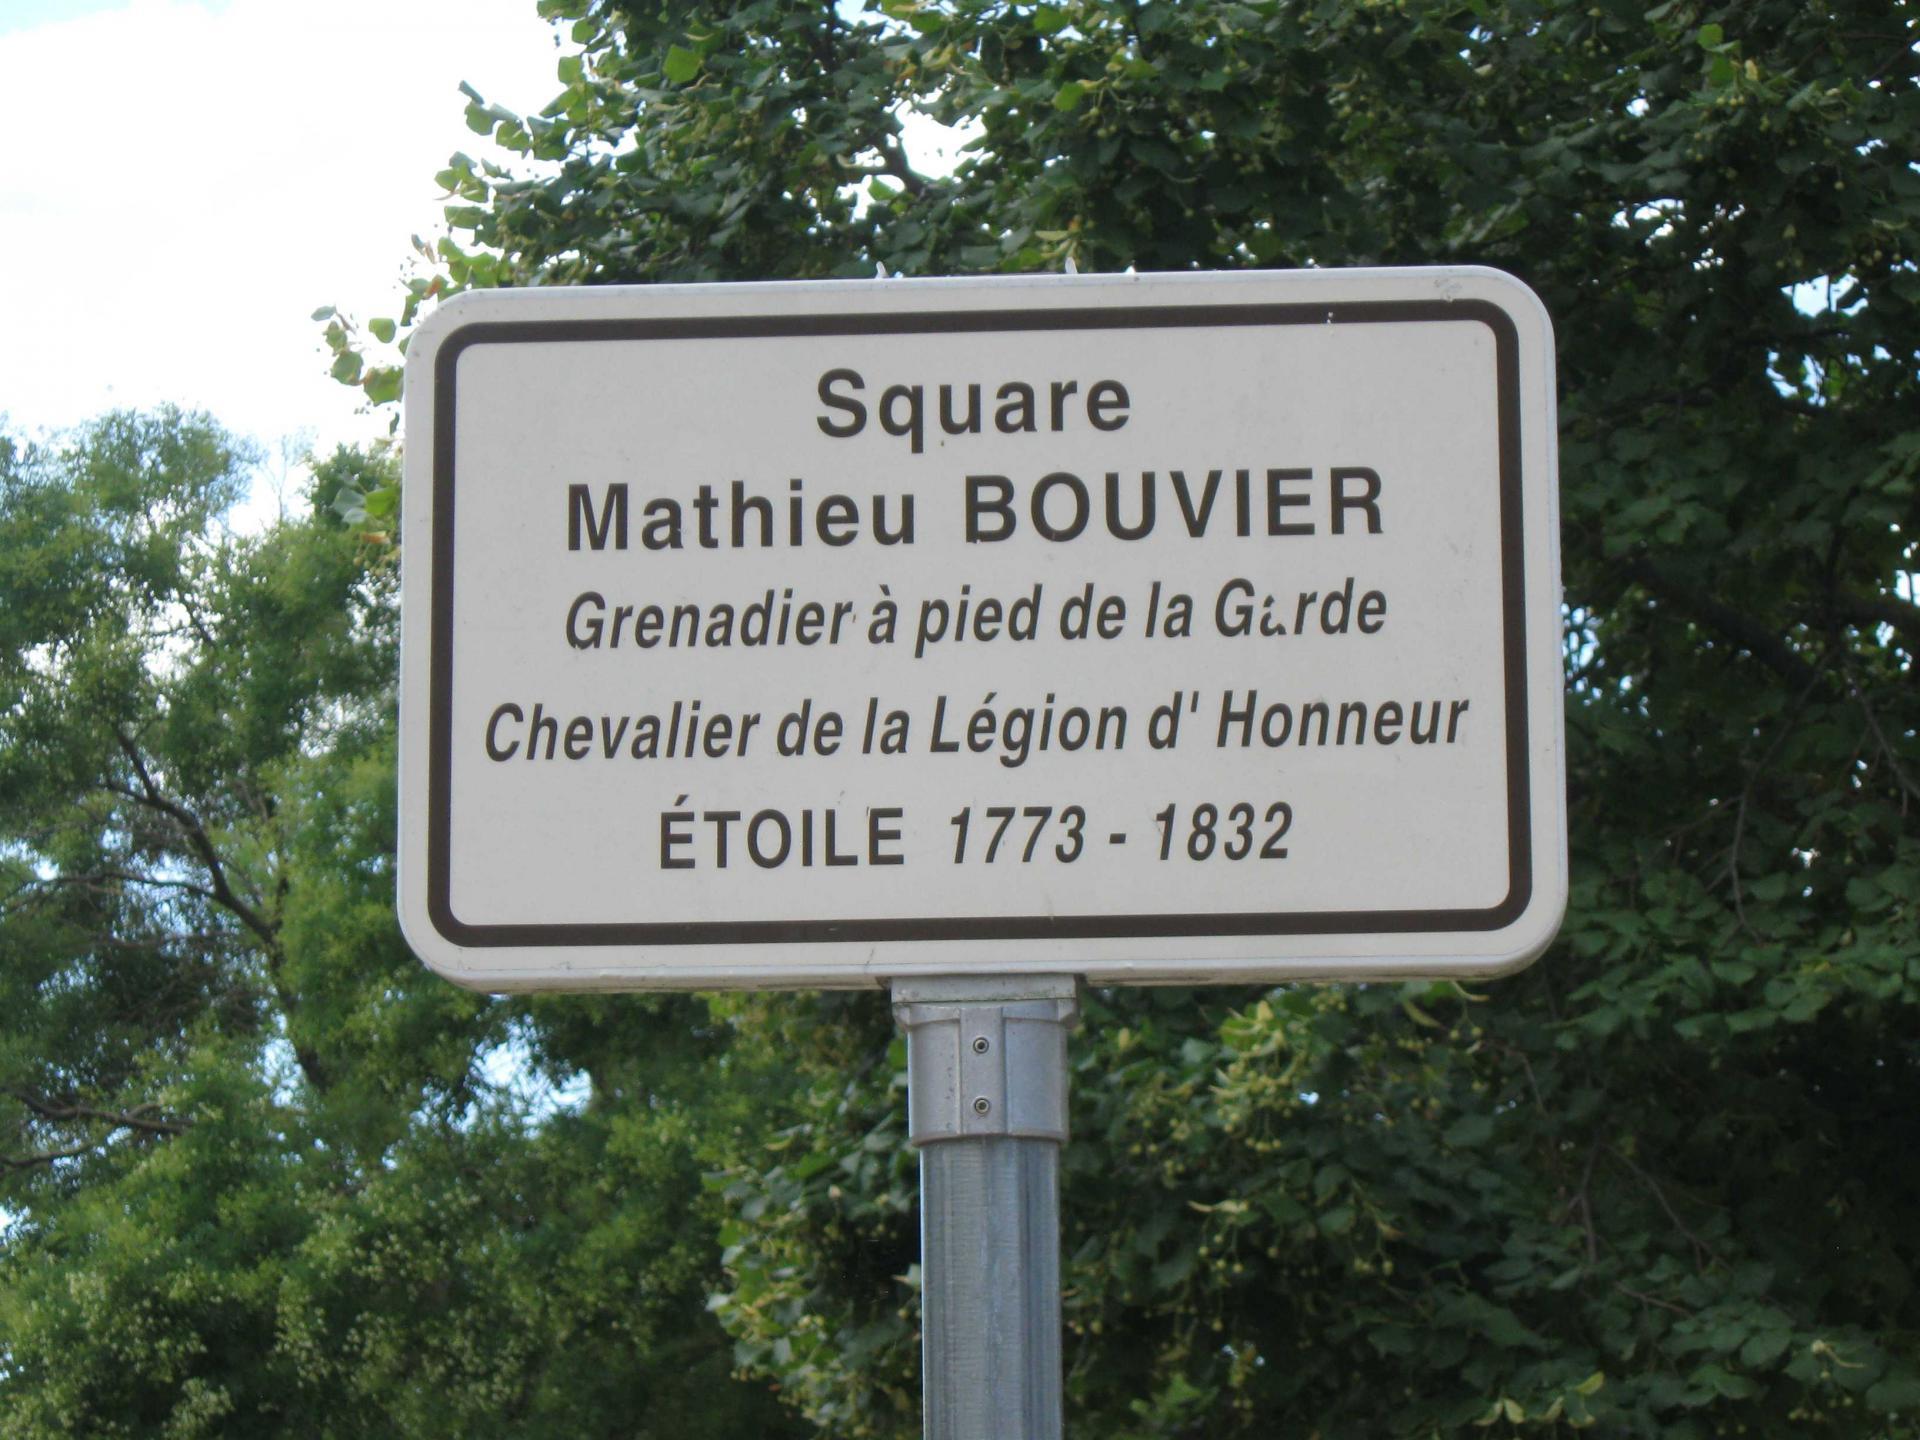 Square Mathier BOUVIER